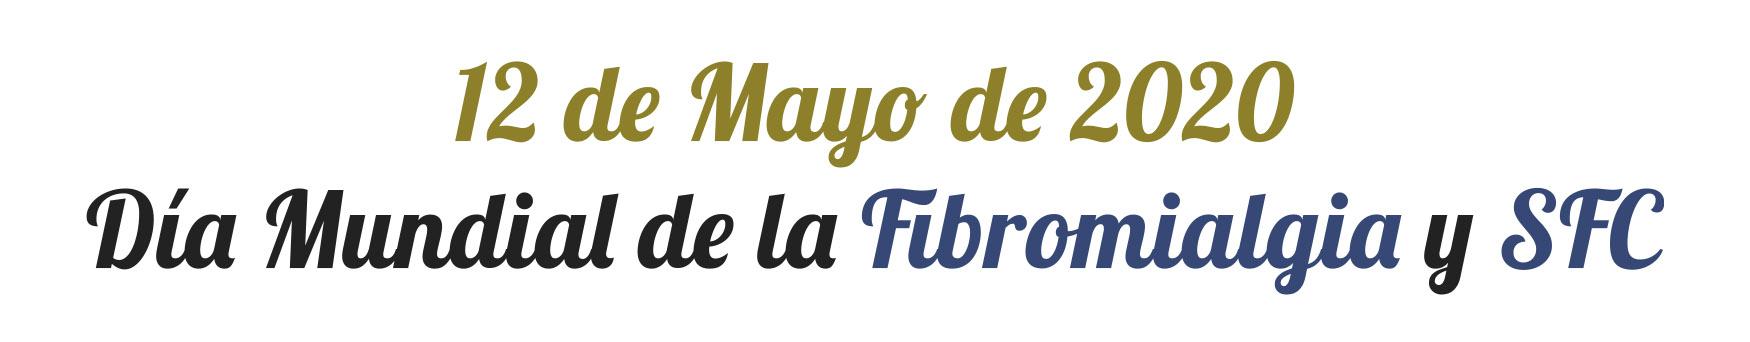 12 de Mayo de 2020 Día Mundial de la Fibromialgia y SFC